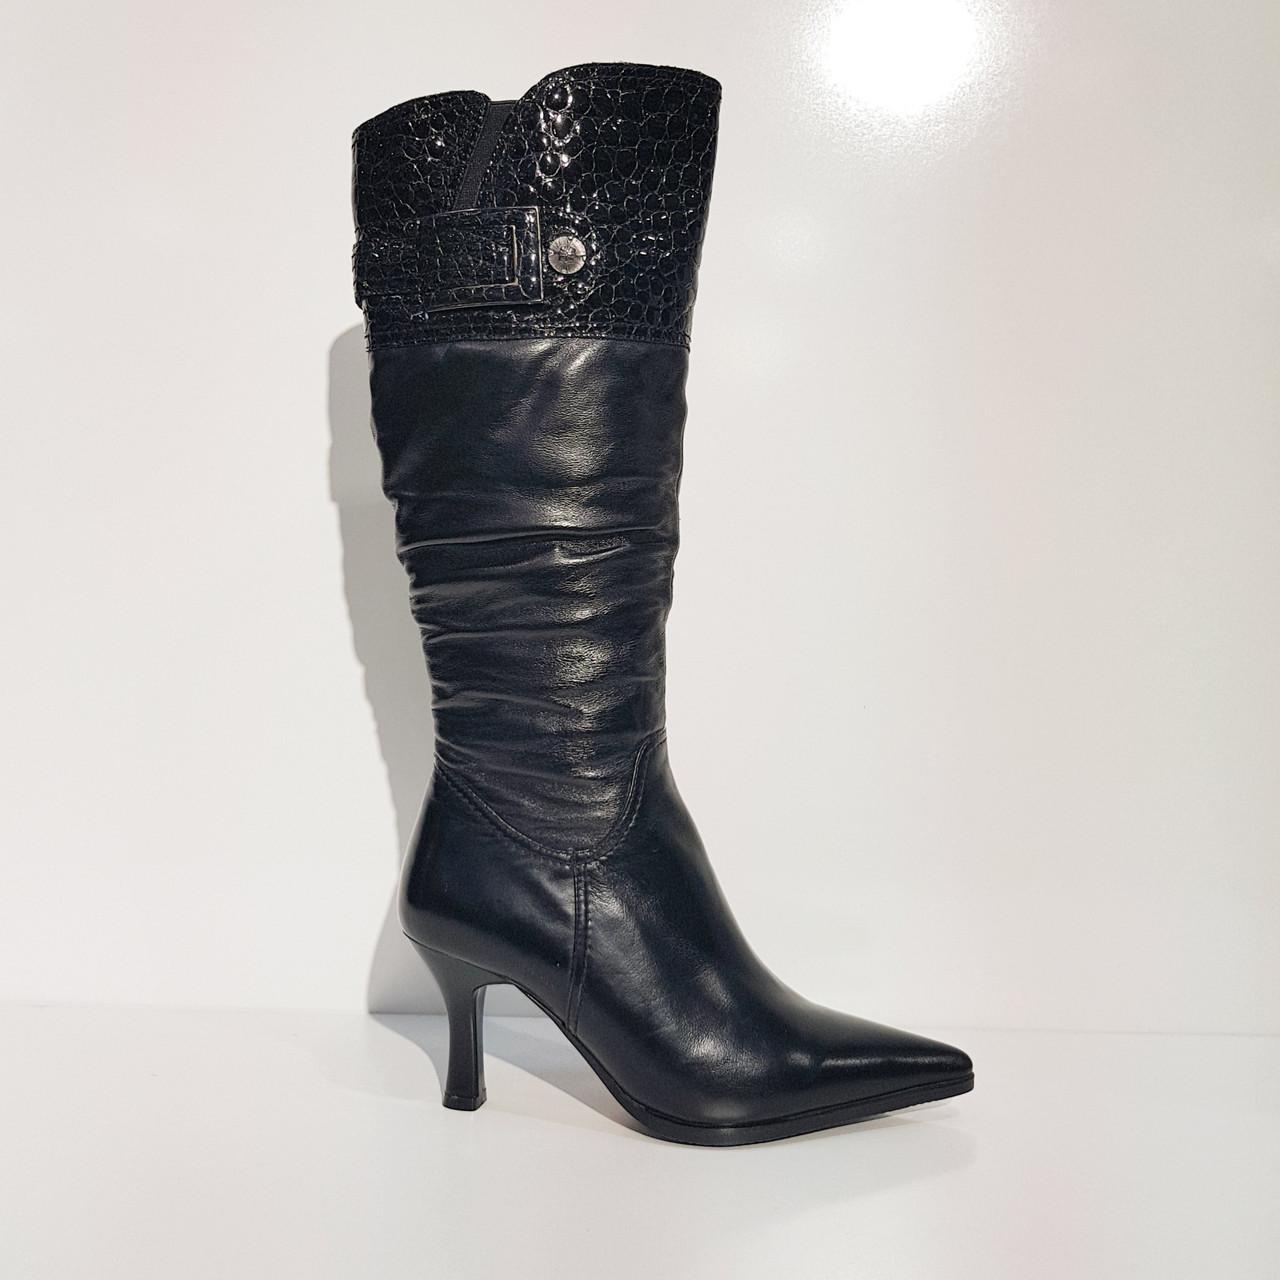 Сапоги  зимние натуральная кожа и натуральный мех на каблуке черные